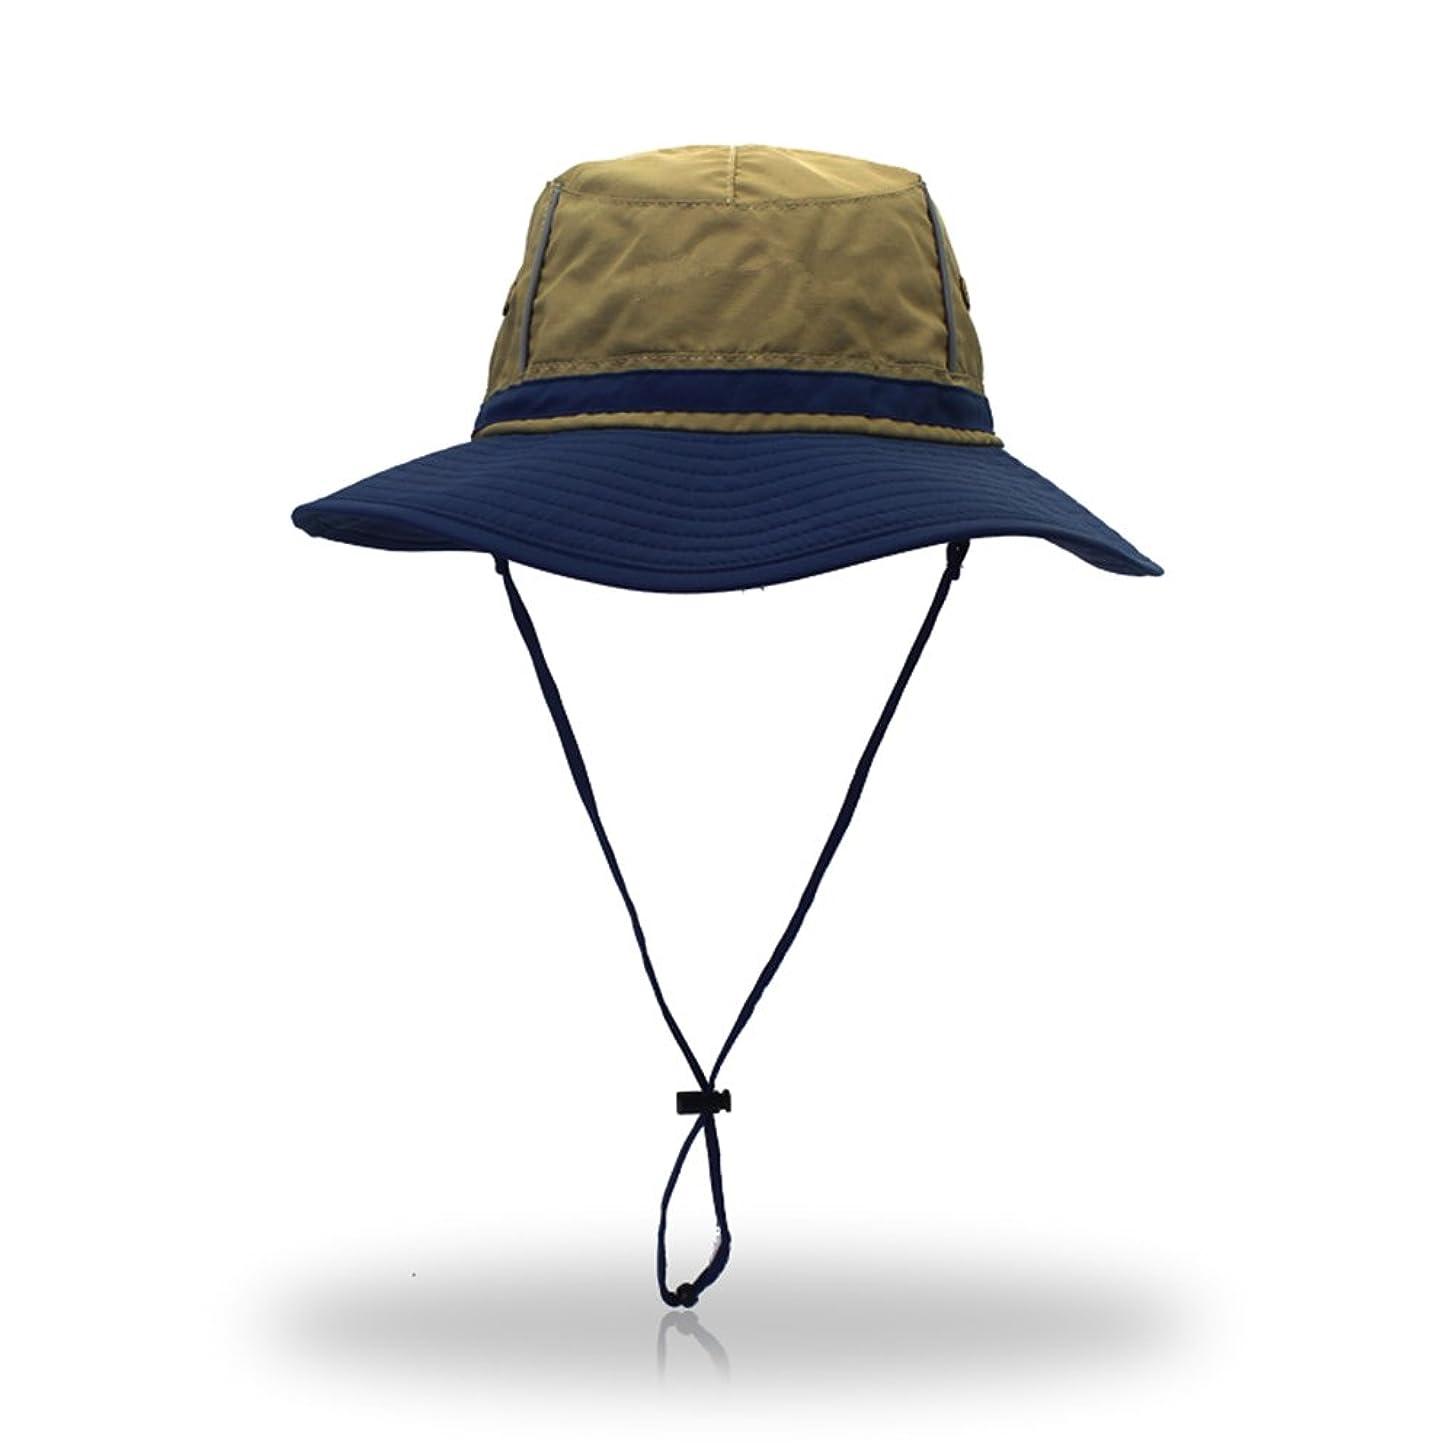 昼寝が欲しい行商MAGCOMSEN アウトドアハット サファリハット 帽子 つば広 ハット UVカット あご紐 サイズ調整可能 折り畳み 通気 速乾 軽量 男女兼用